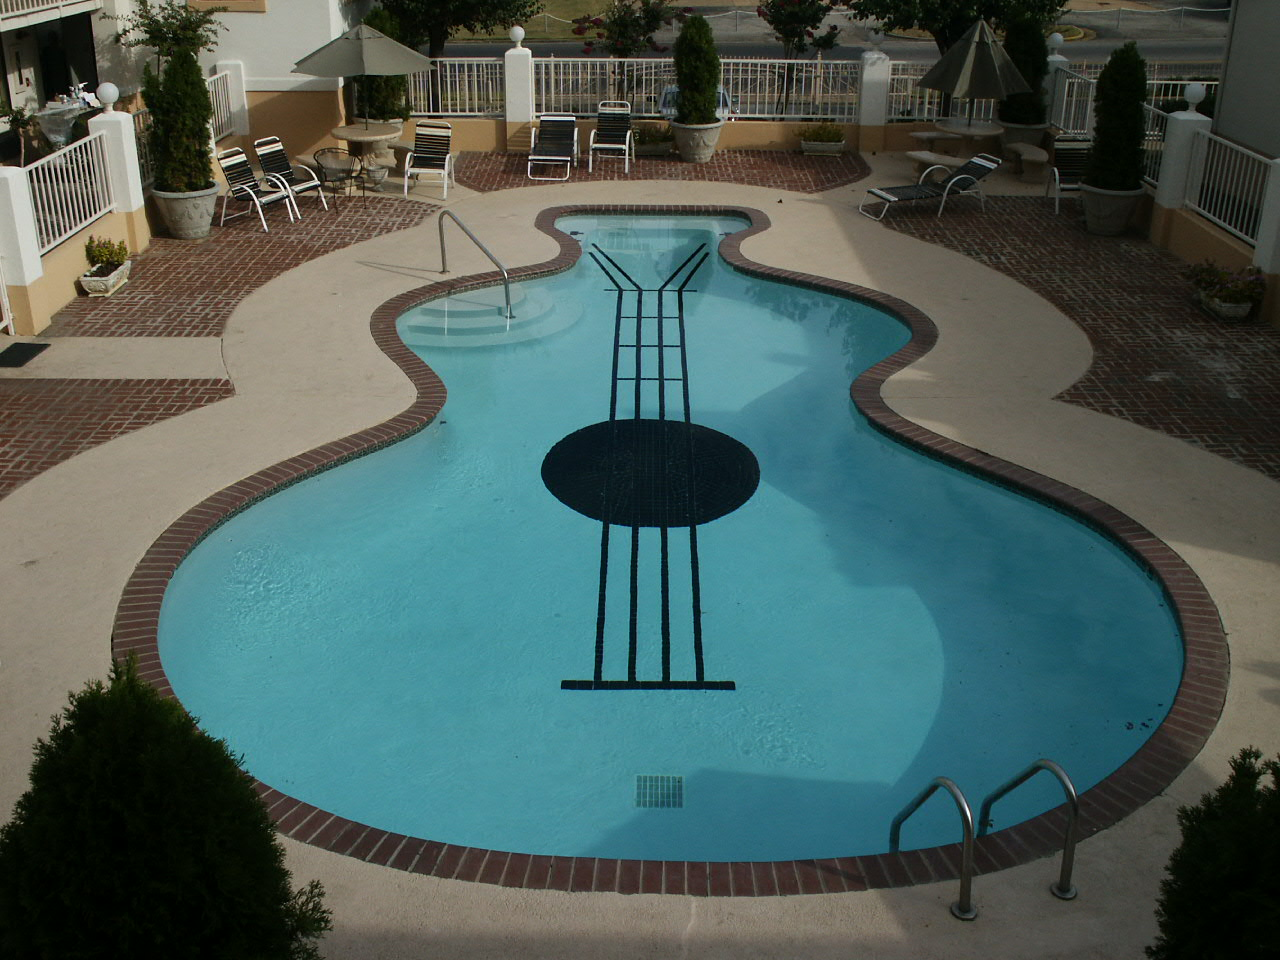 Decora o e ideias piscinas de ver o com formas incomuns for Formas de piscinas